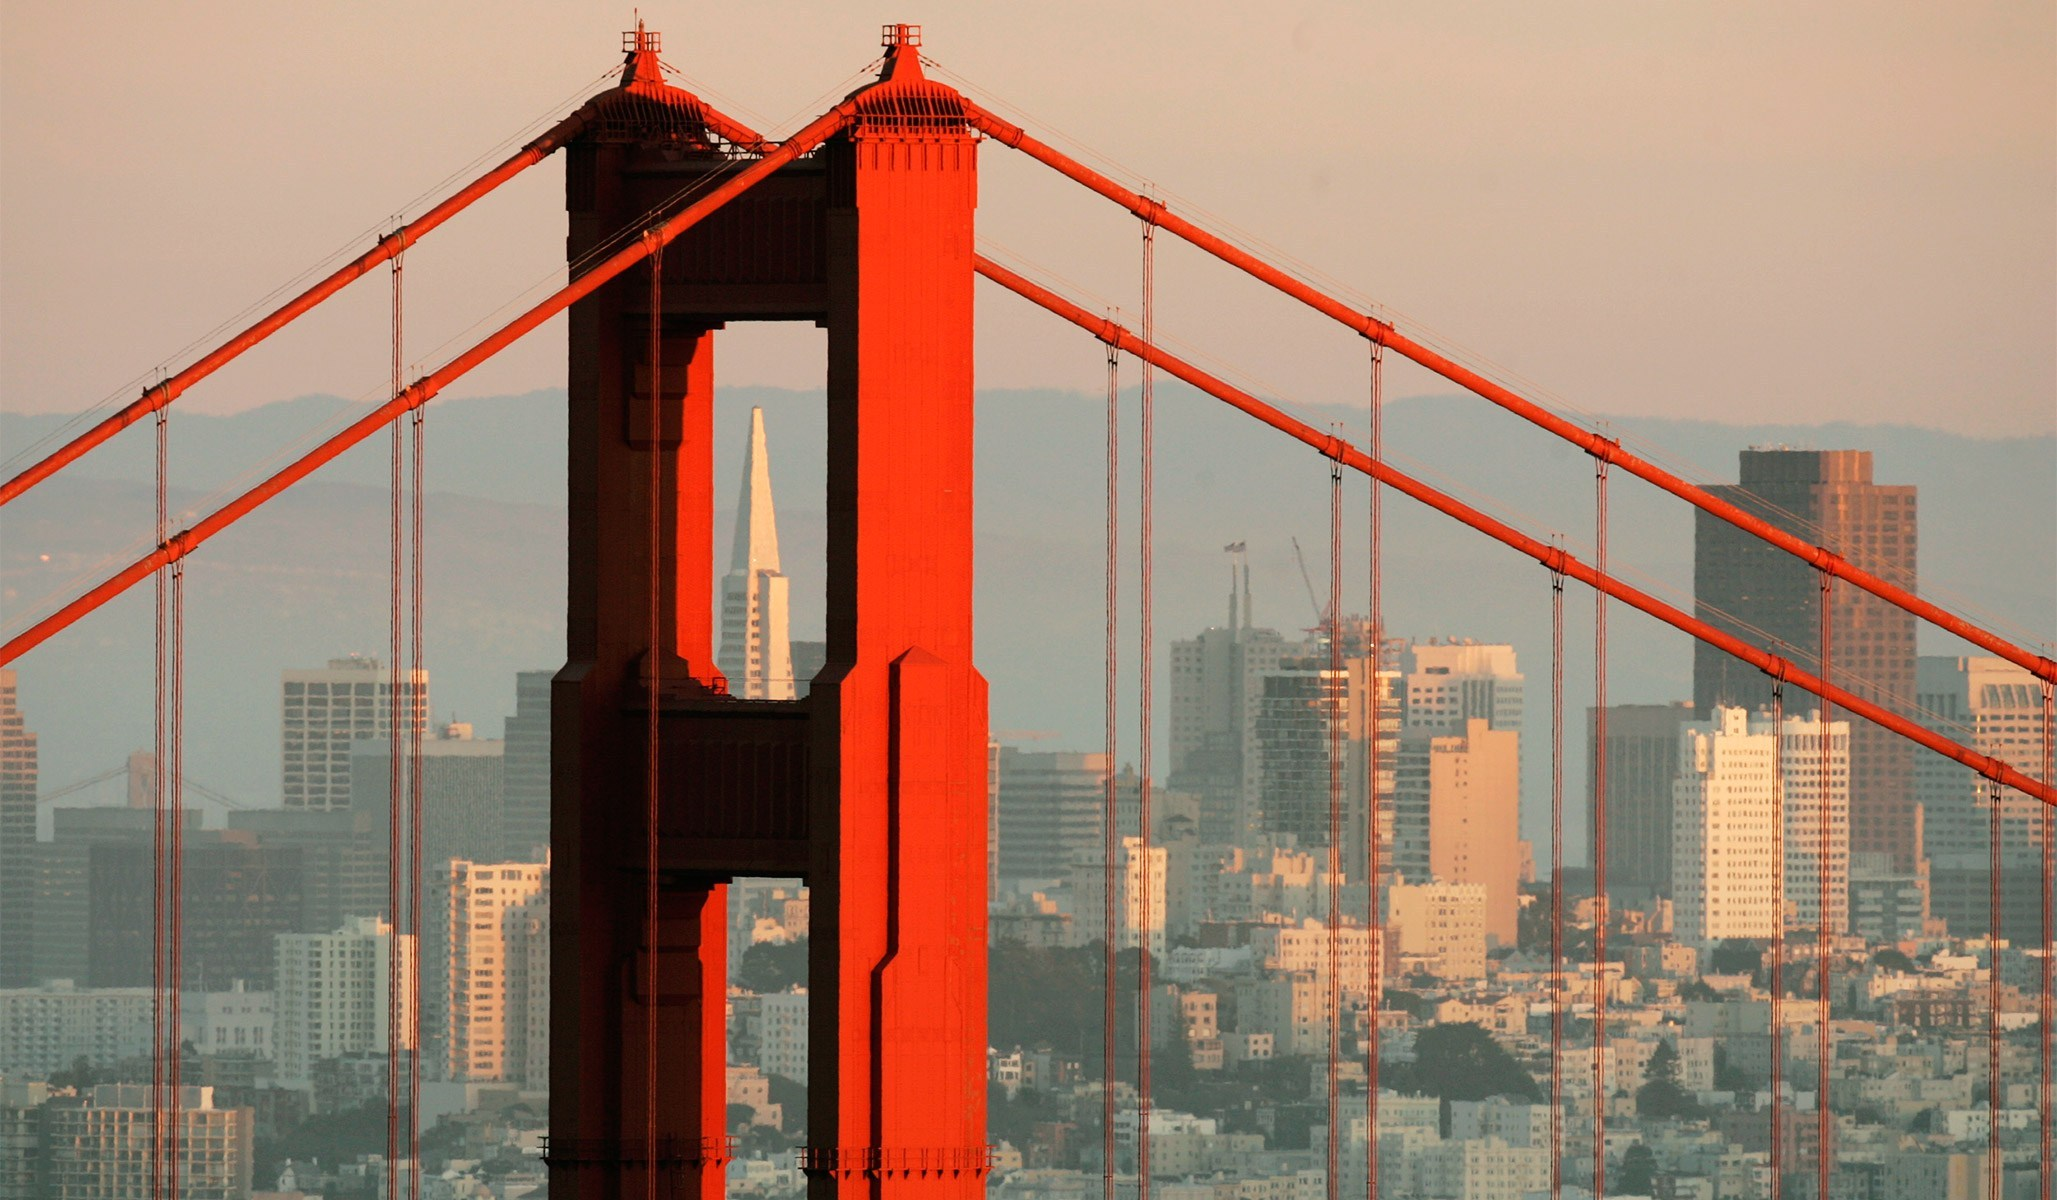 la ville de San Francisco interdit la vente et la distribution de cigarettes électroniques à partir de 2020